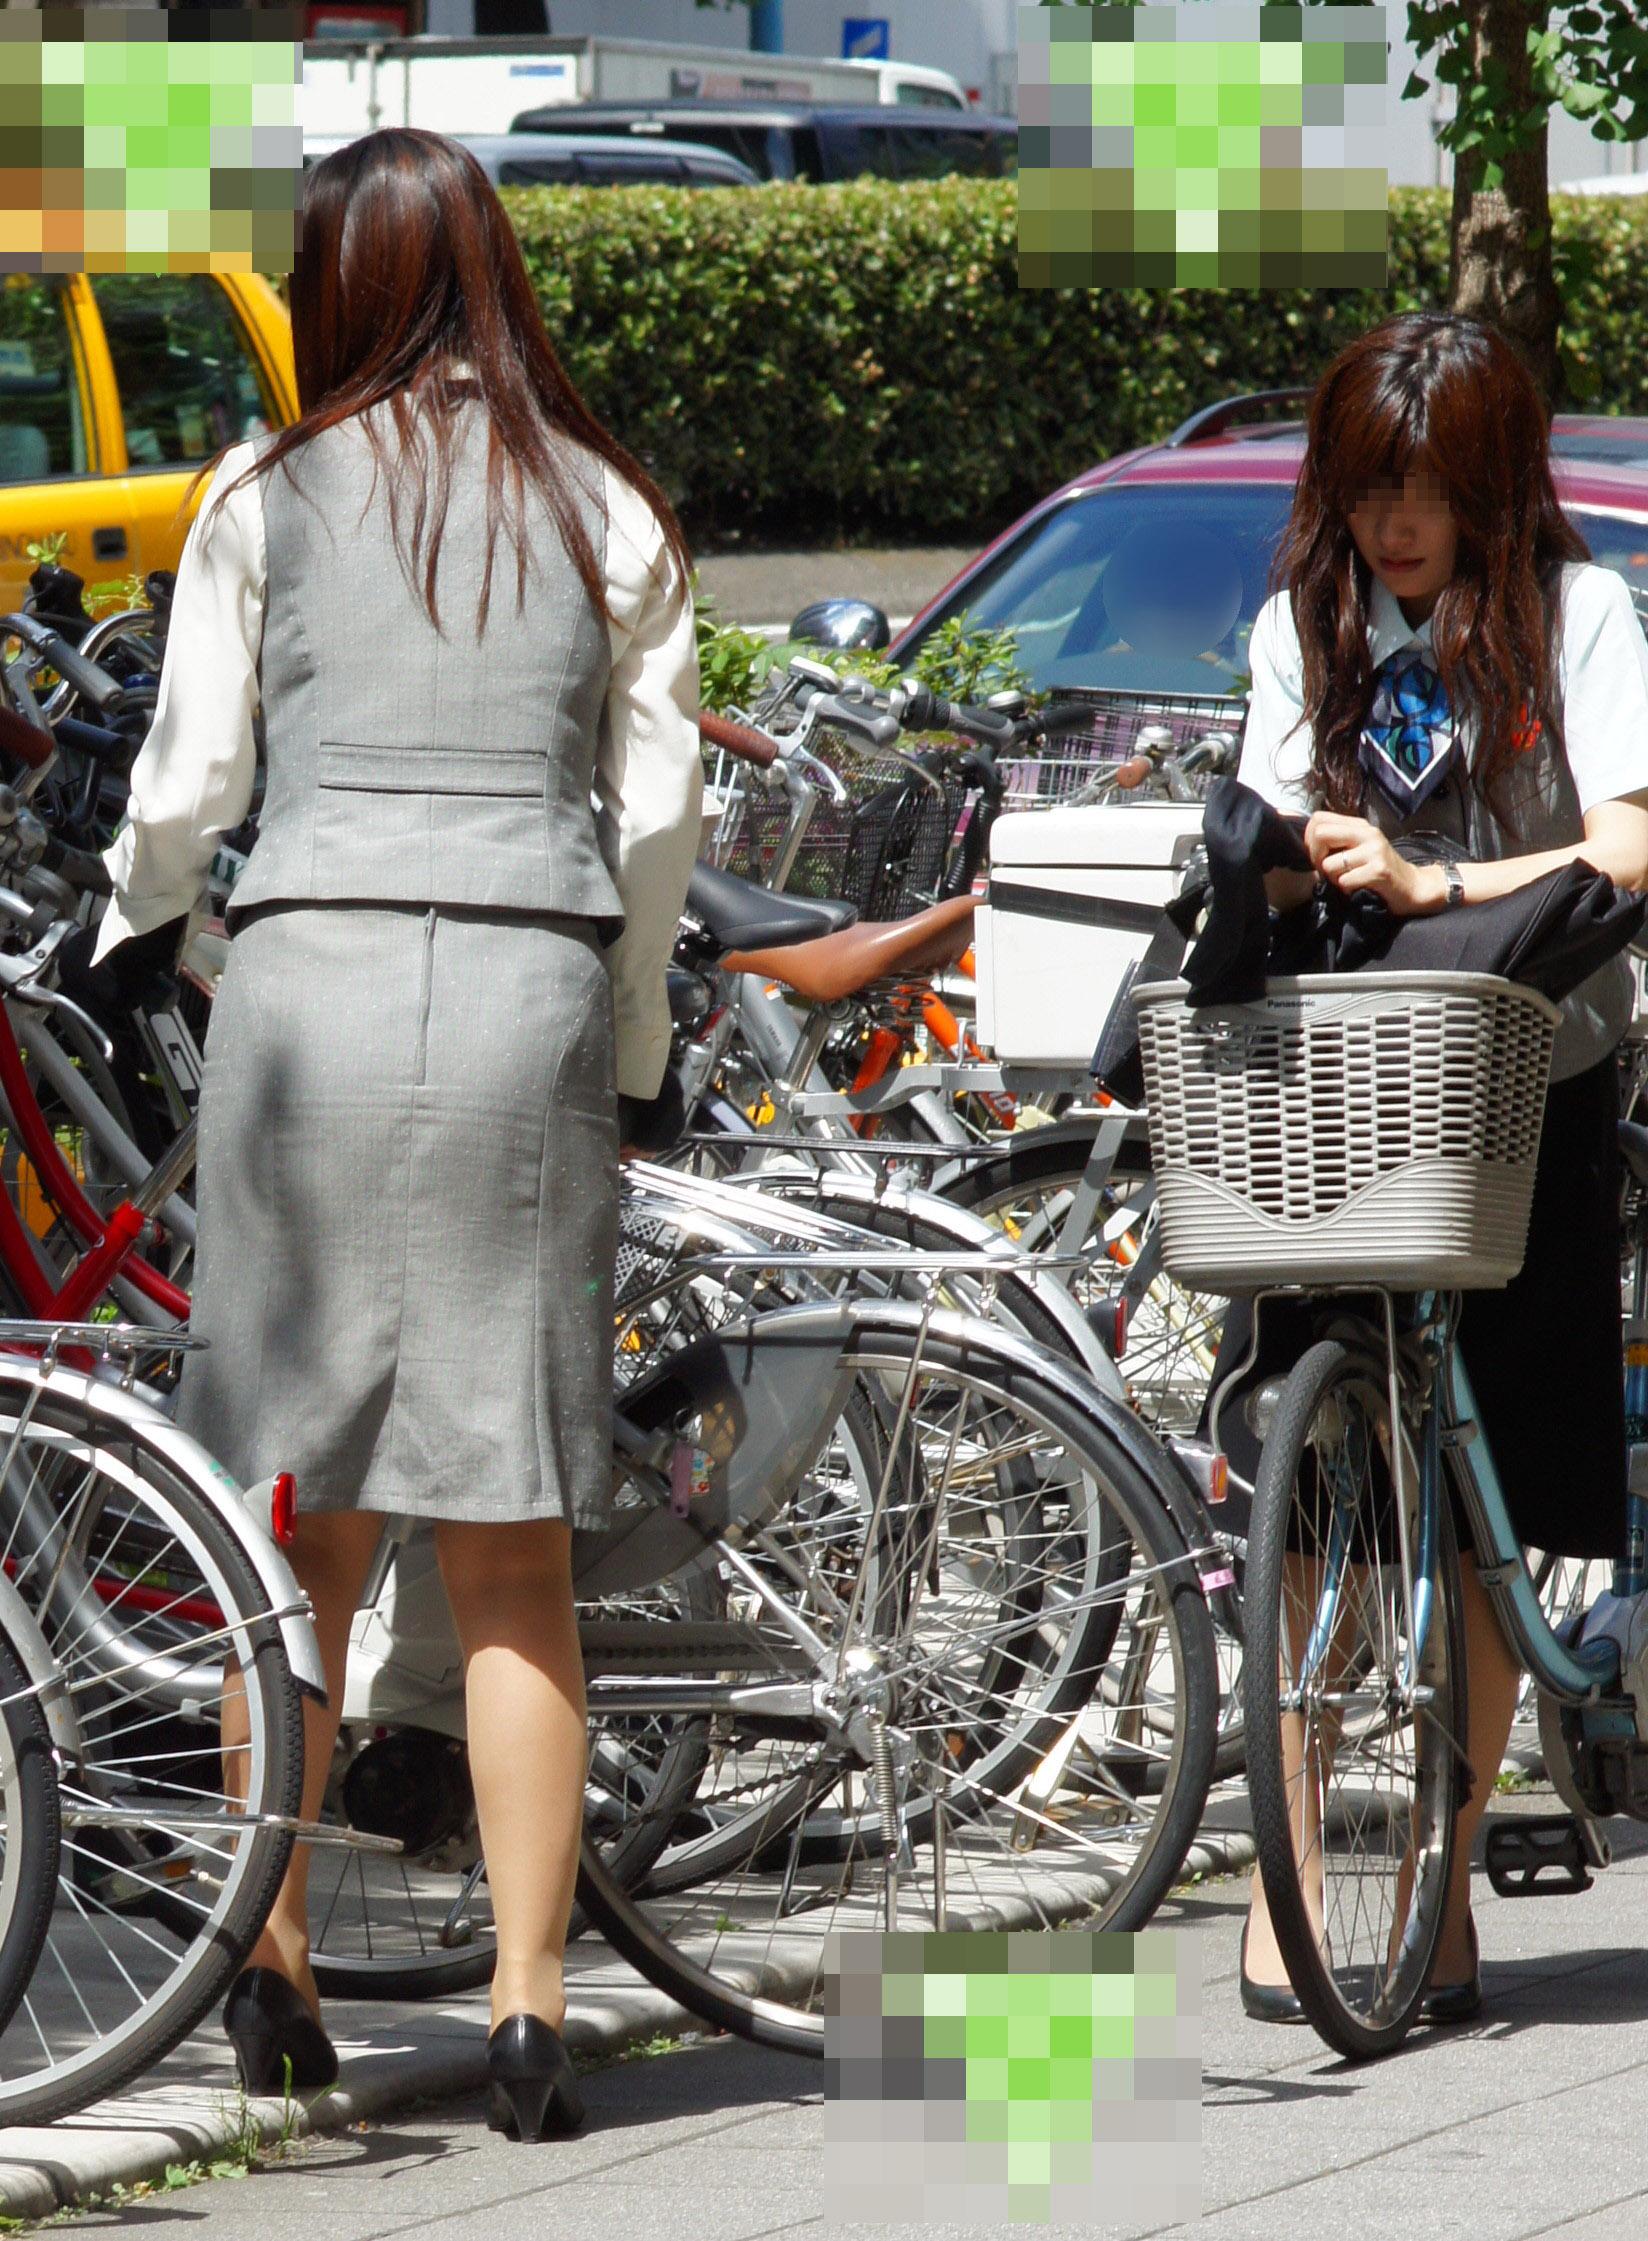 タイトスカートのお尻にパンスト足パンチラの自転車OL11枚目